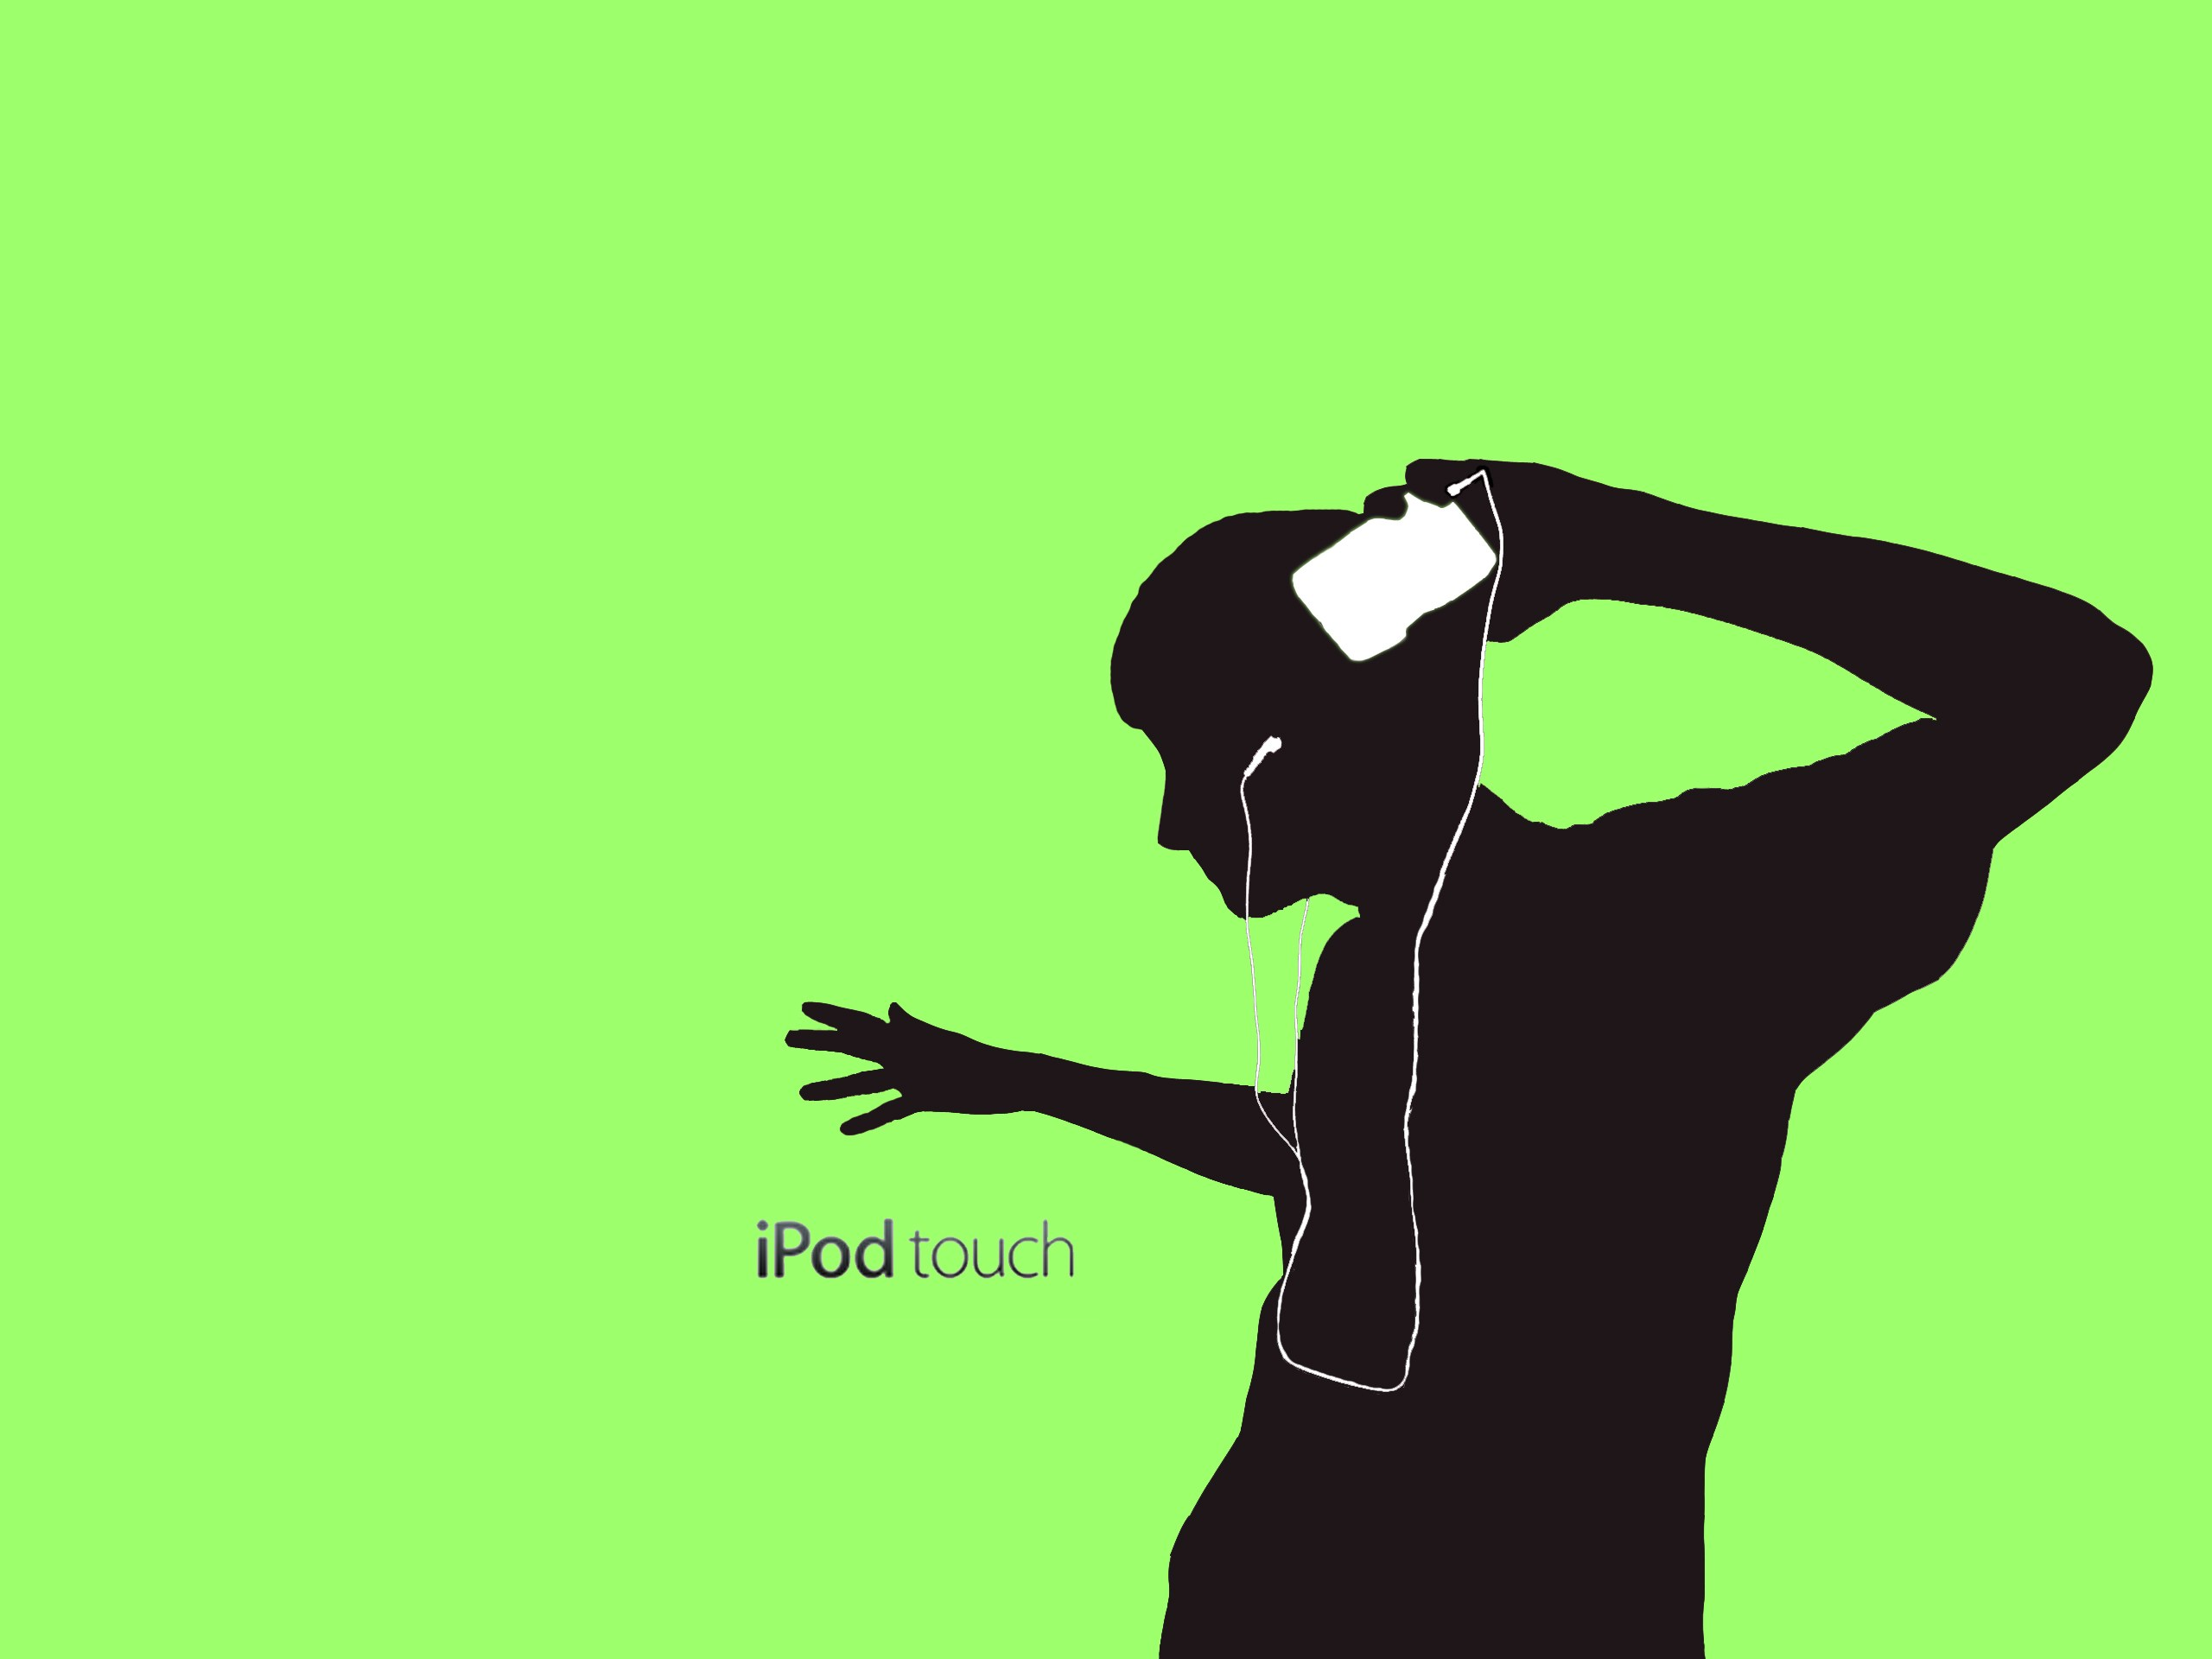 Apple pourrait sortir un nouvel iPod Touch, quatre ans après la dernière génération